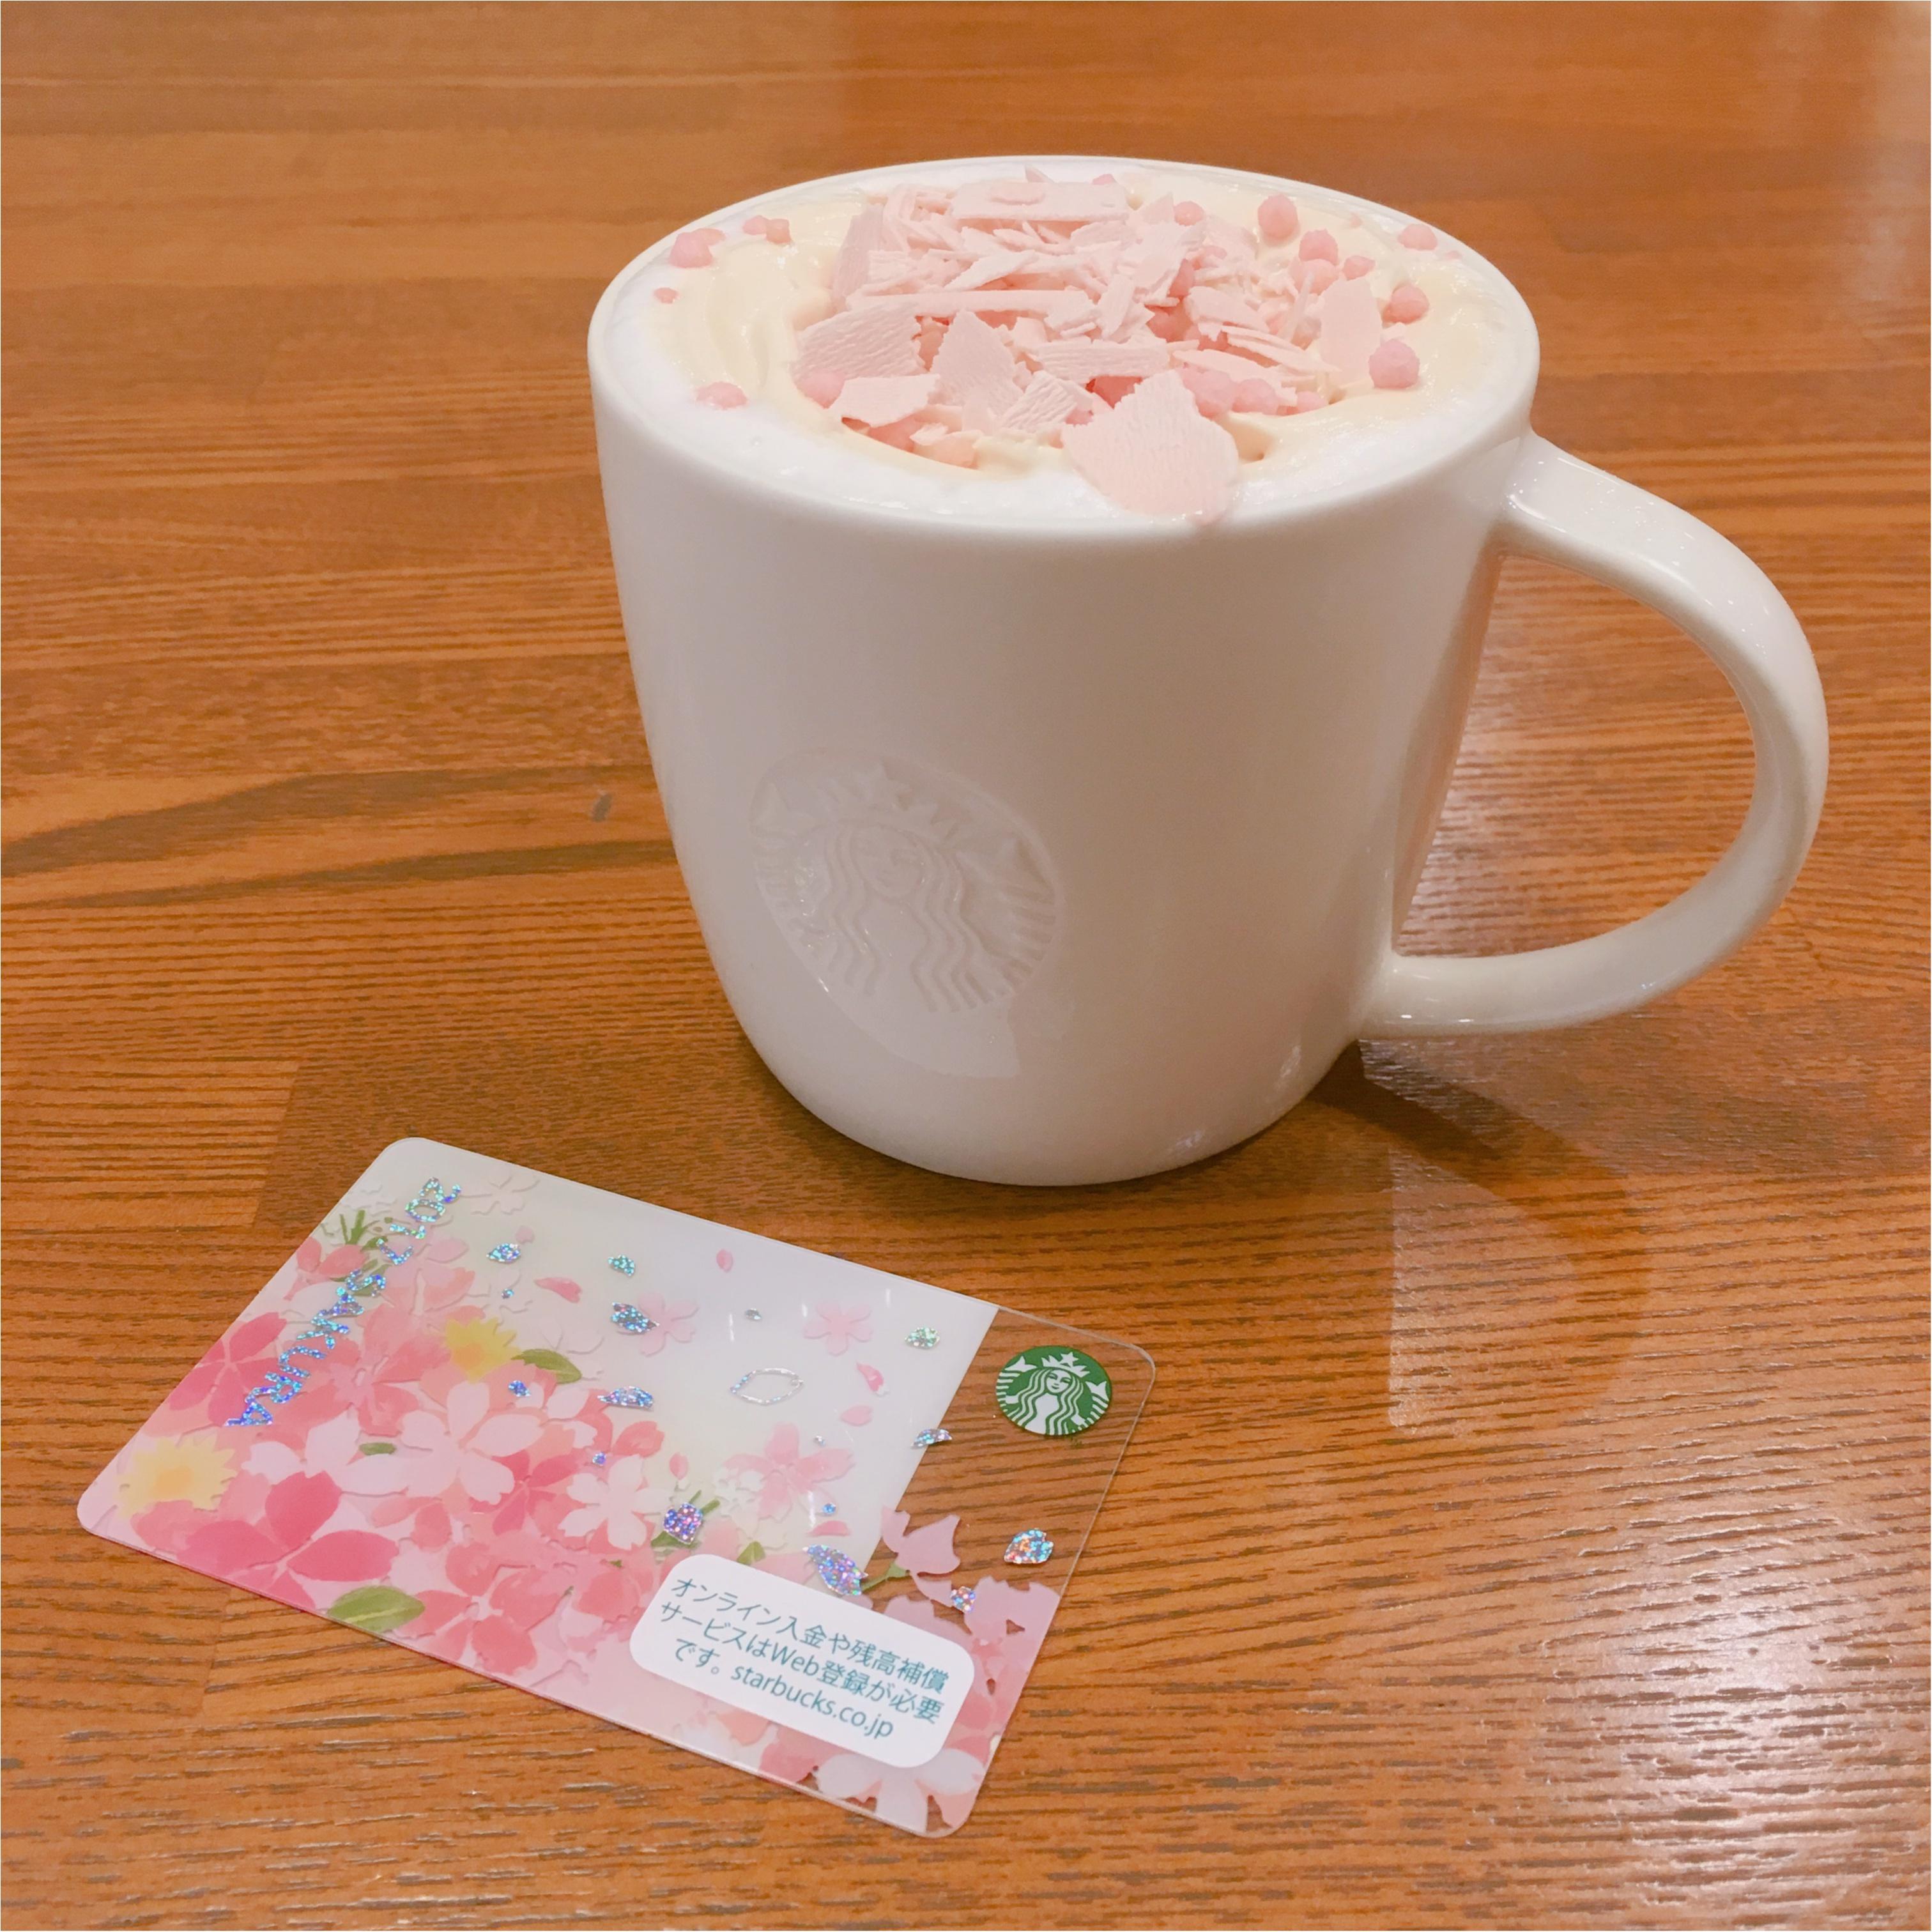 【 期間限定の新作 】スターバックスのサクラが2月15日からスタート ♡♡ 人気のスターバックスカードもGetしました!_1